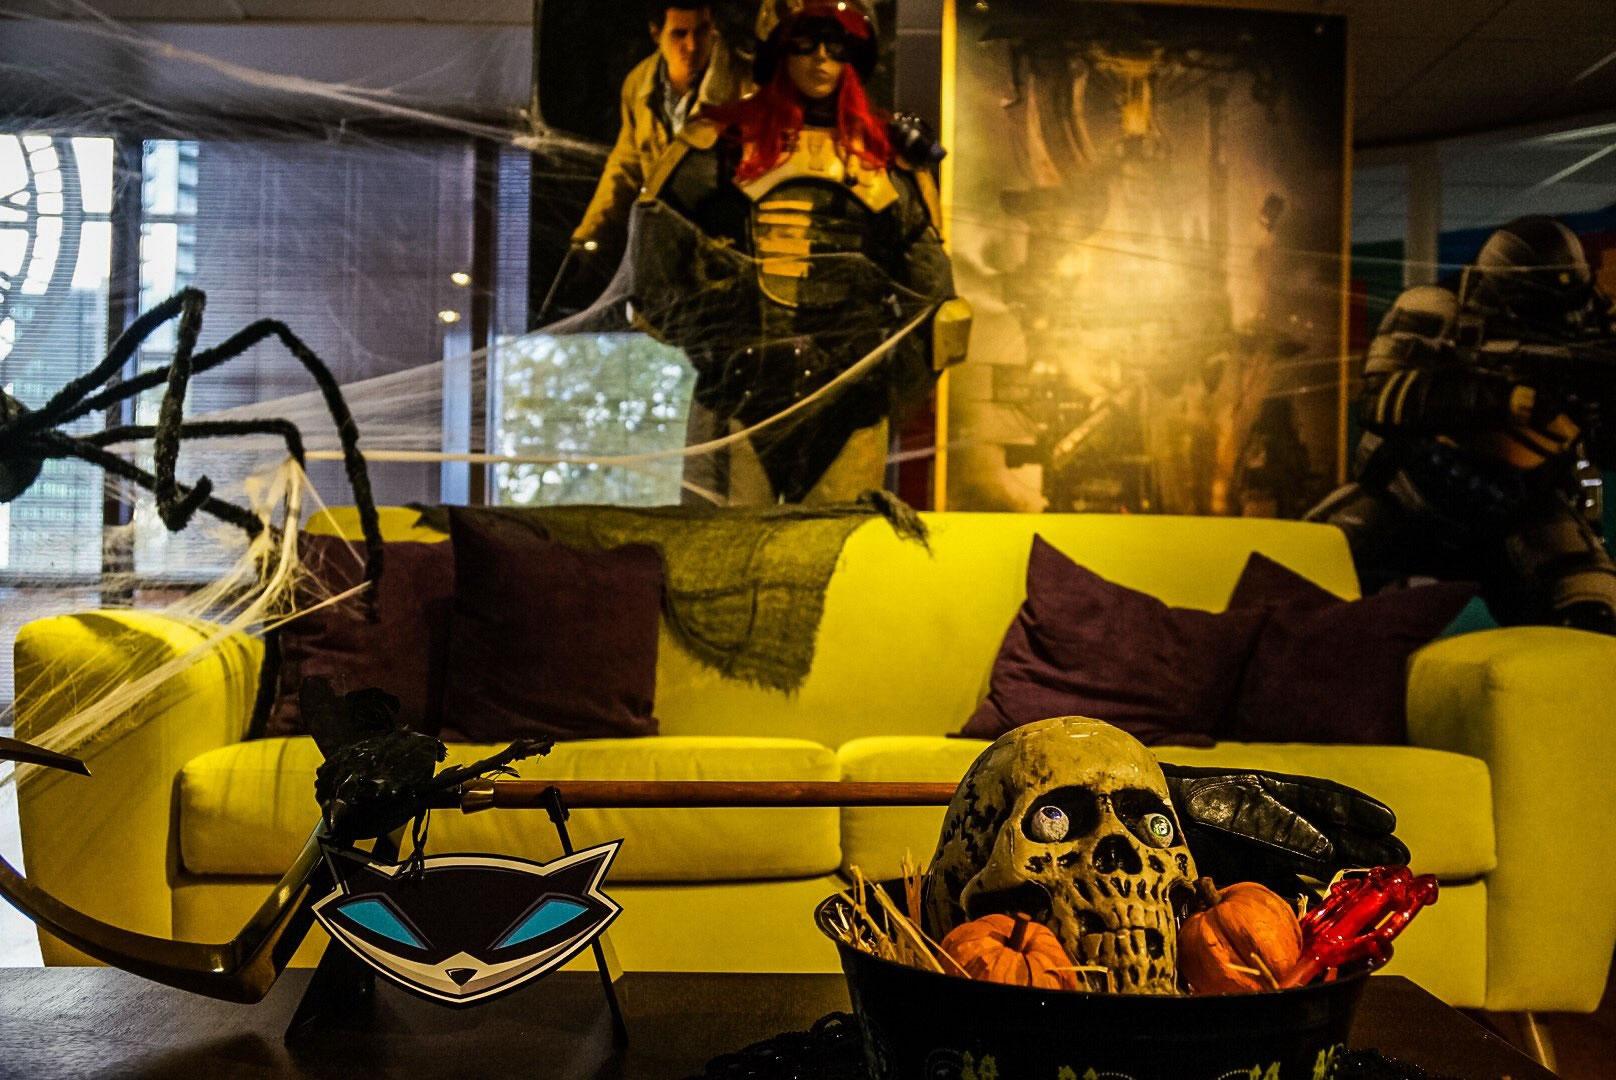 « La dernière fois que j'ai rendu visite à Sucker Punch c'était il y a neuf mois. Aujourd'hui, le studio s'est mis aux couleurs d'Halloween. Je suis, sur la photo, avec Brian [Fleming]. » – Hideo Kojima, le 18 octobre 2016